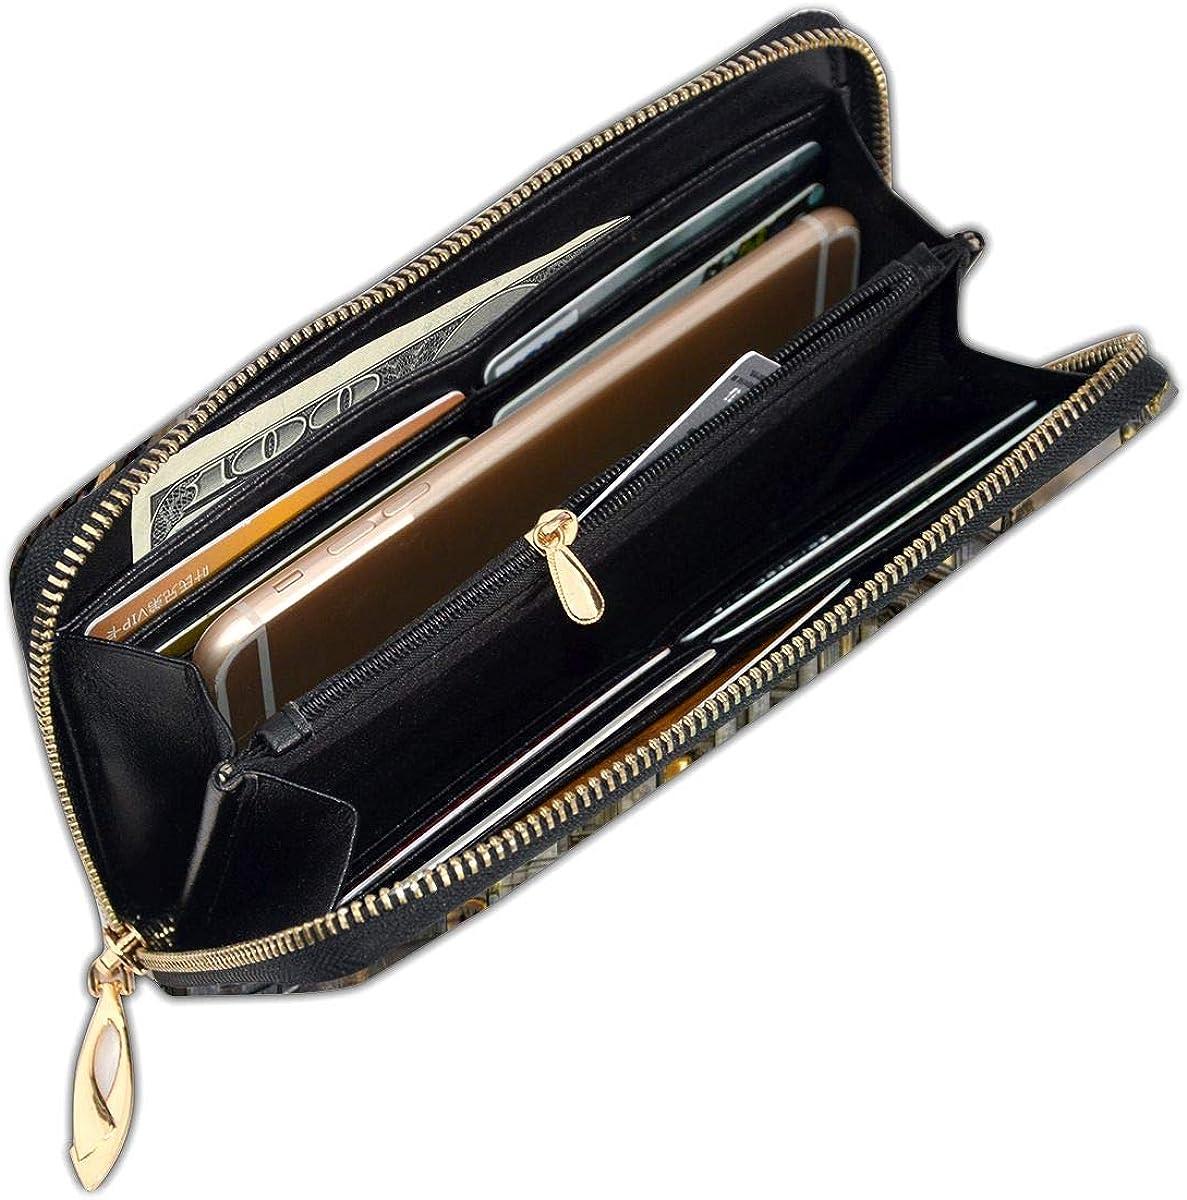 Women Genuine Leather Wallets Star Art Credit Card Holder Organizer Ladies Purse Zipper Around Clutch Cash Pocket